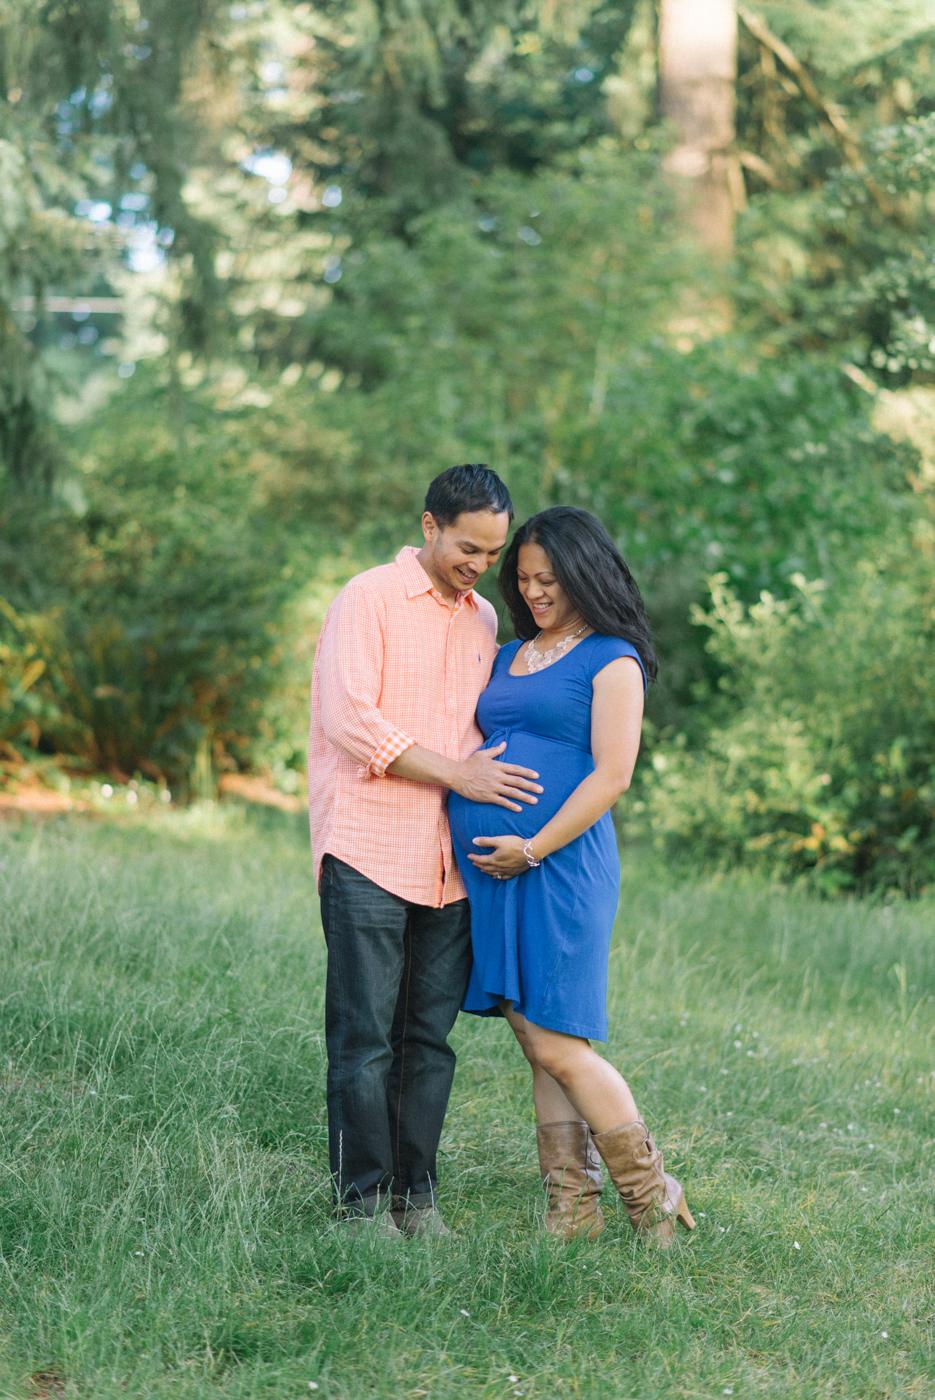 Portland-oregon-maternity-photography-couple-Hoyt-Arboretum-Washington-Park-professional-family-session-photos-natural-woodland-10